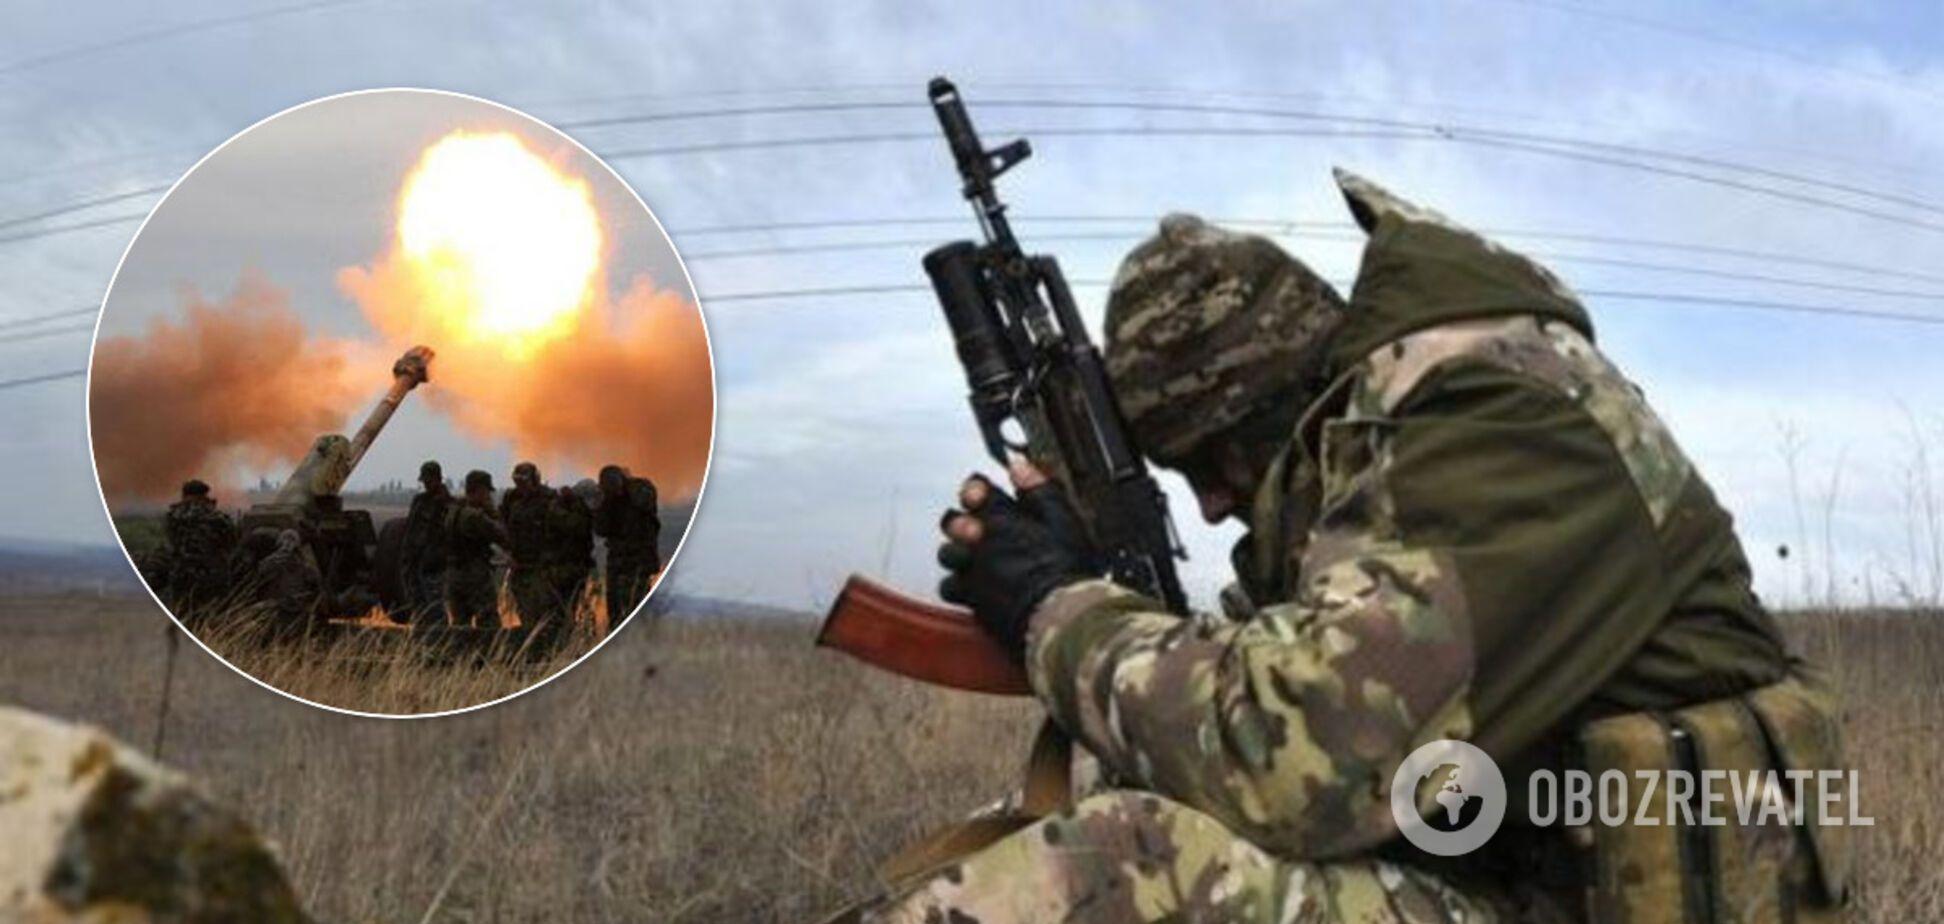 Війська Путіна напали на ЗСУ, розв'язавши кривавий бій: багато поранених